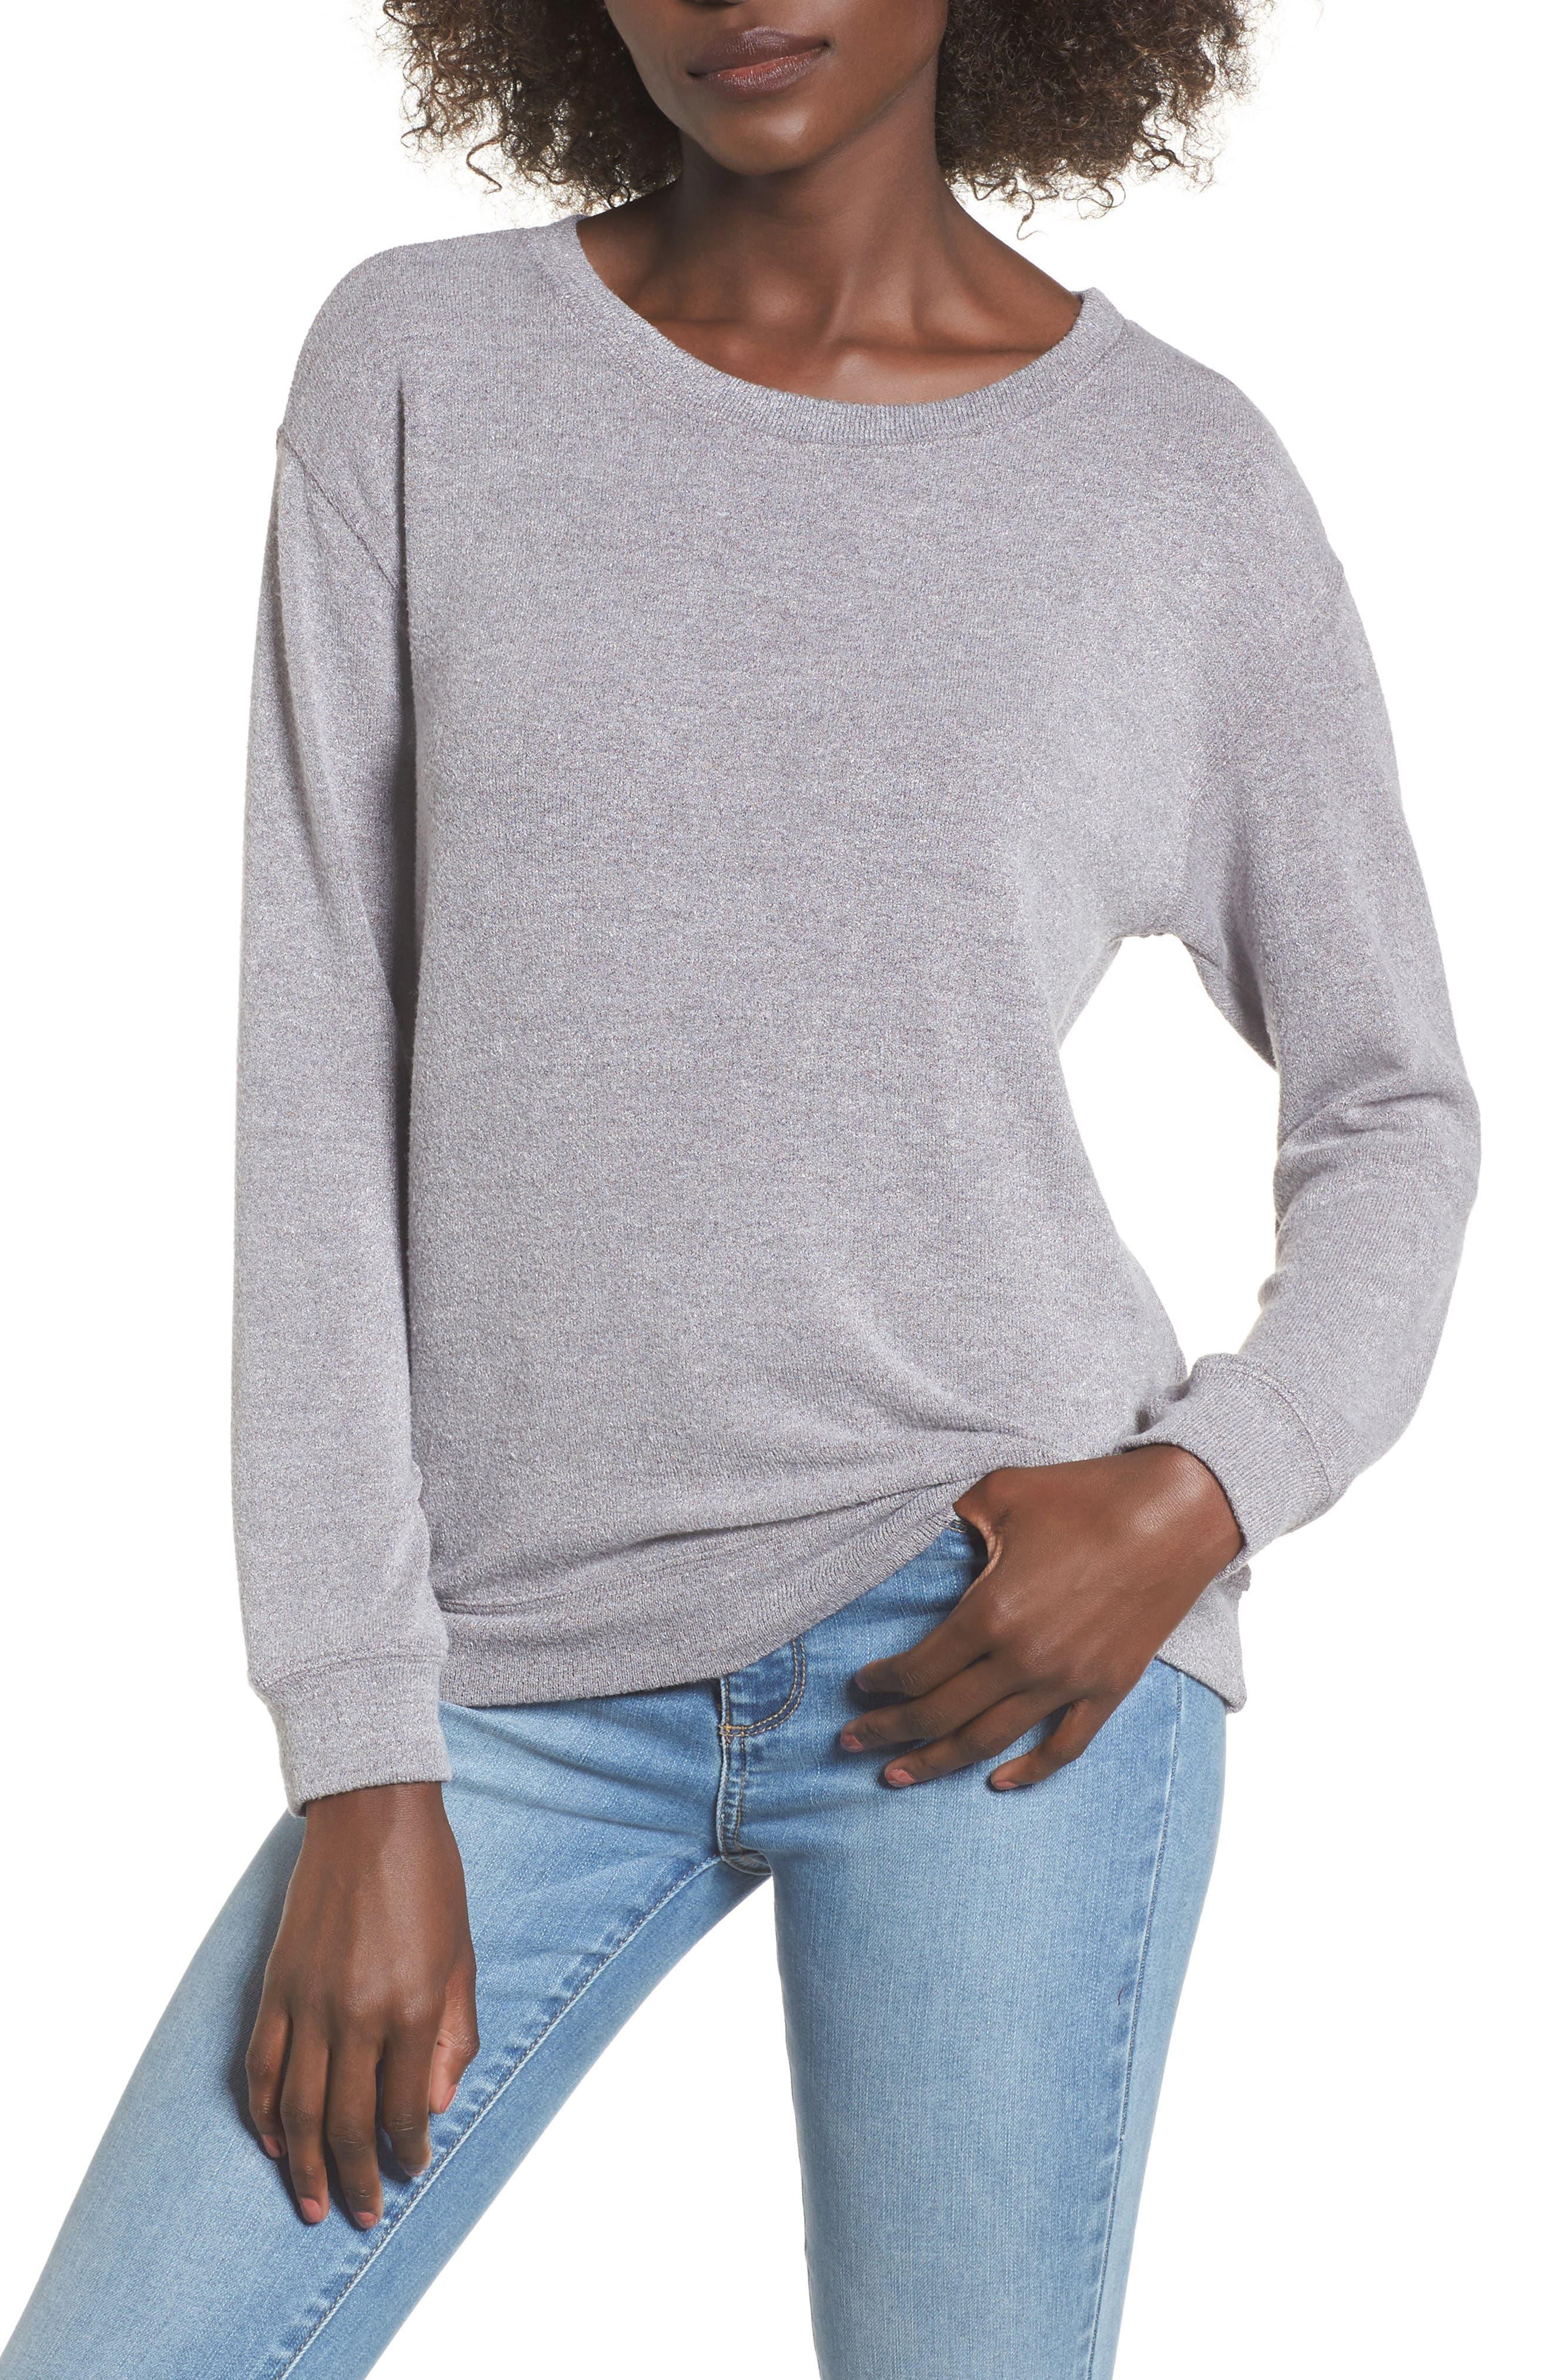 Alternate Image 1 Selected - Lira Clothing Phoebe Fleece Sweatshirt